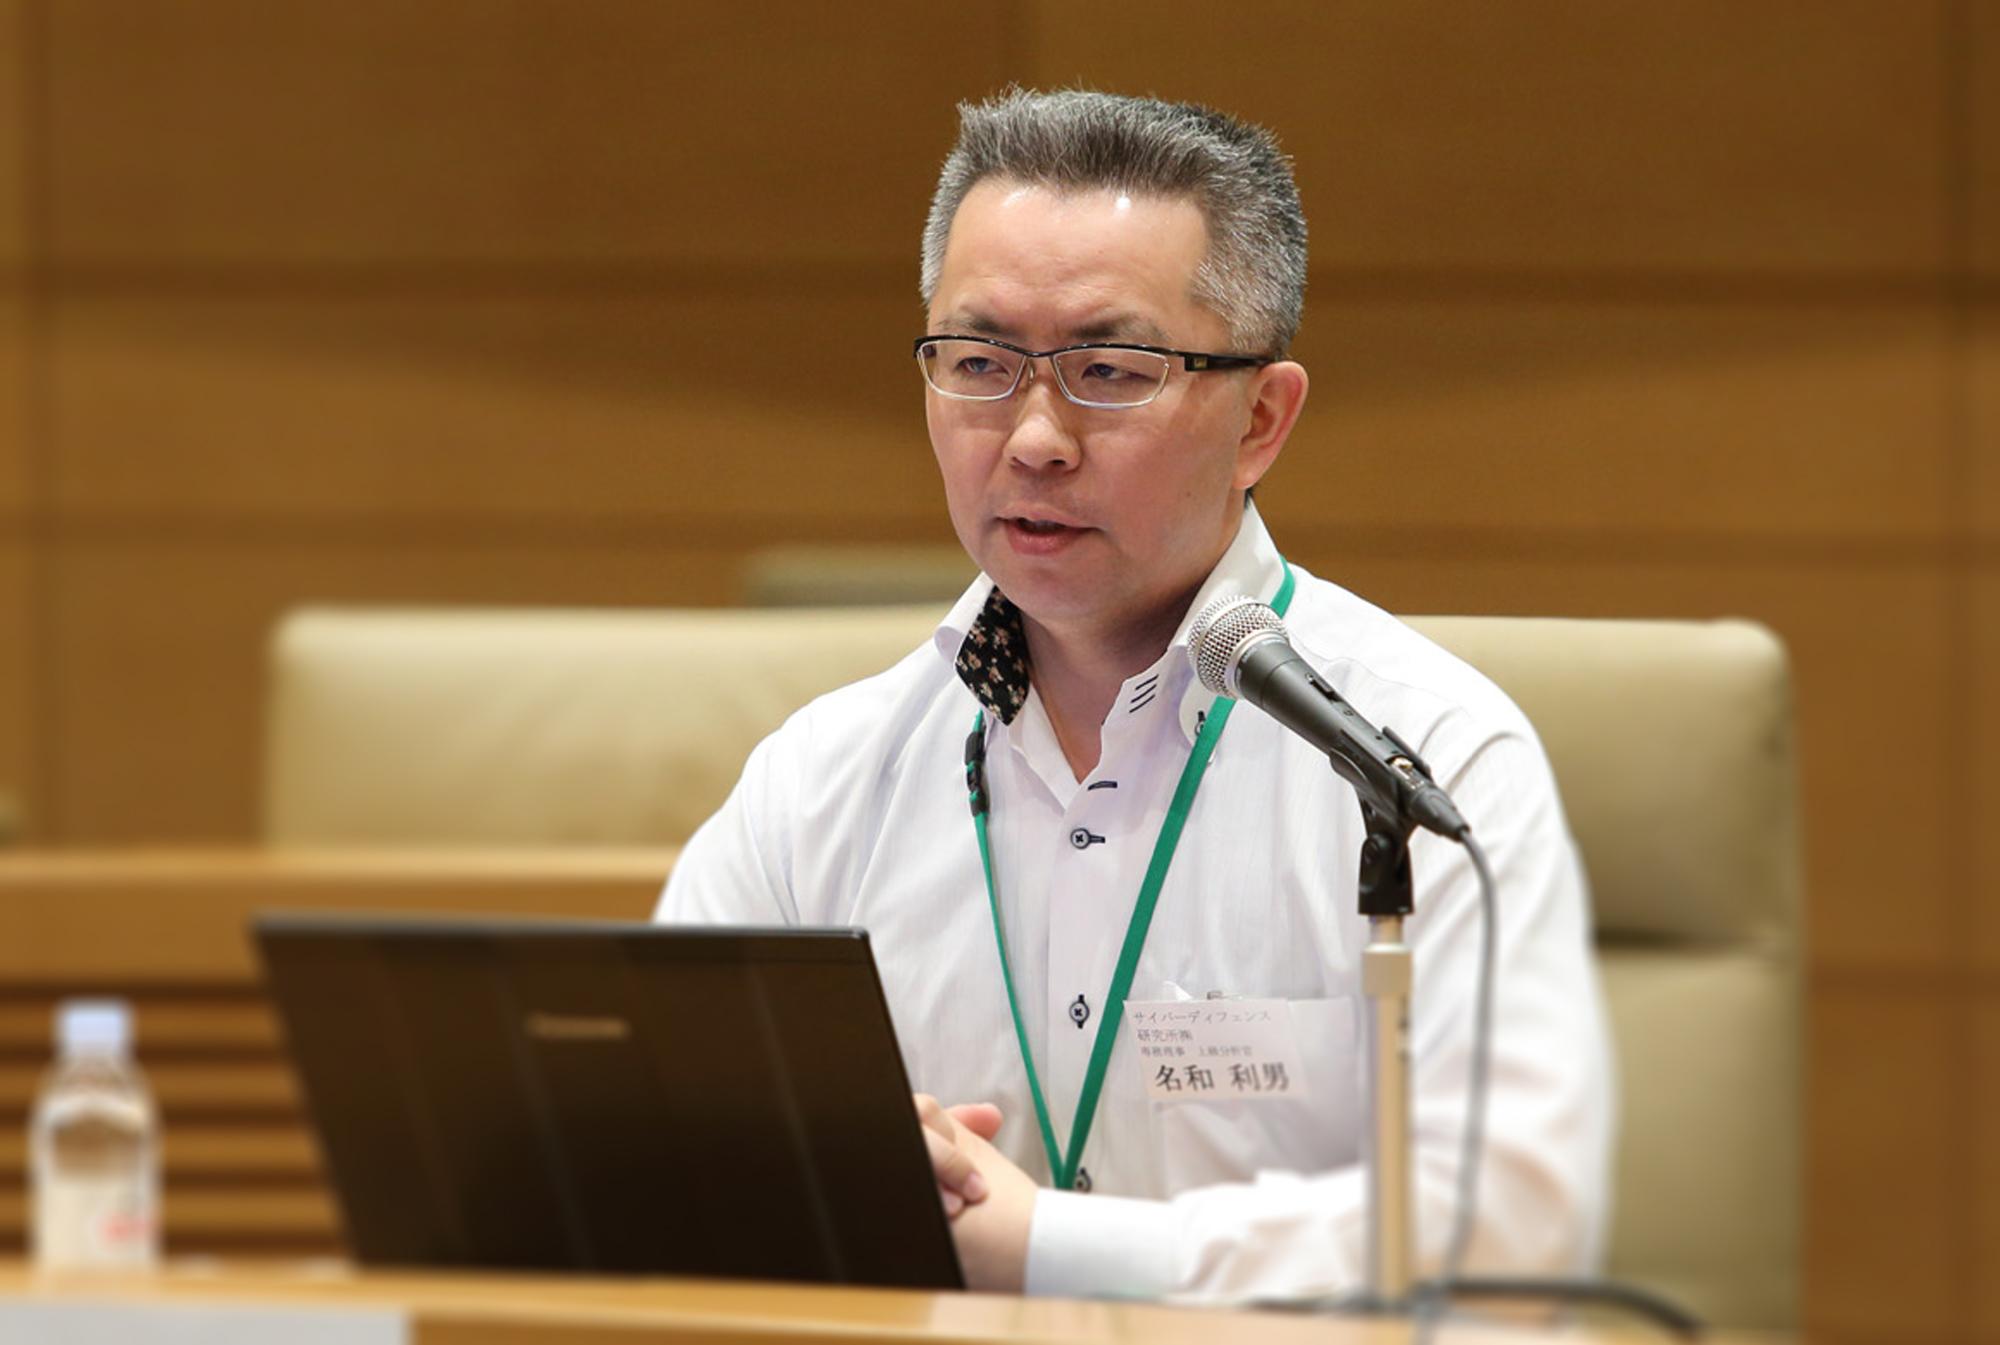 第10回「日本の医療の未来を考える会」リポート